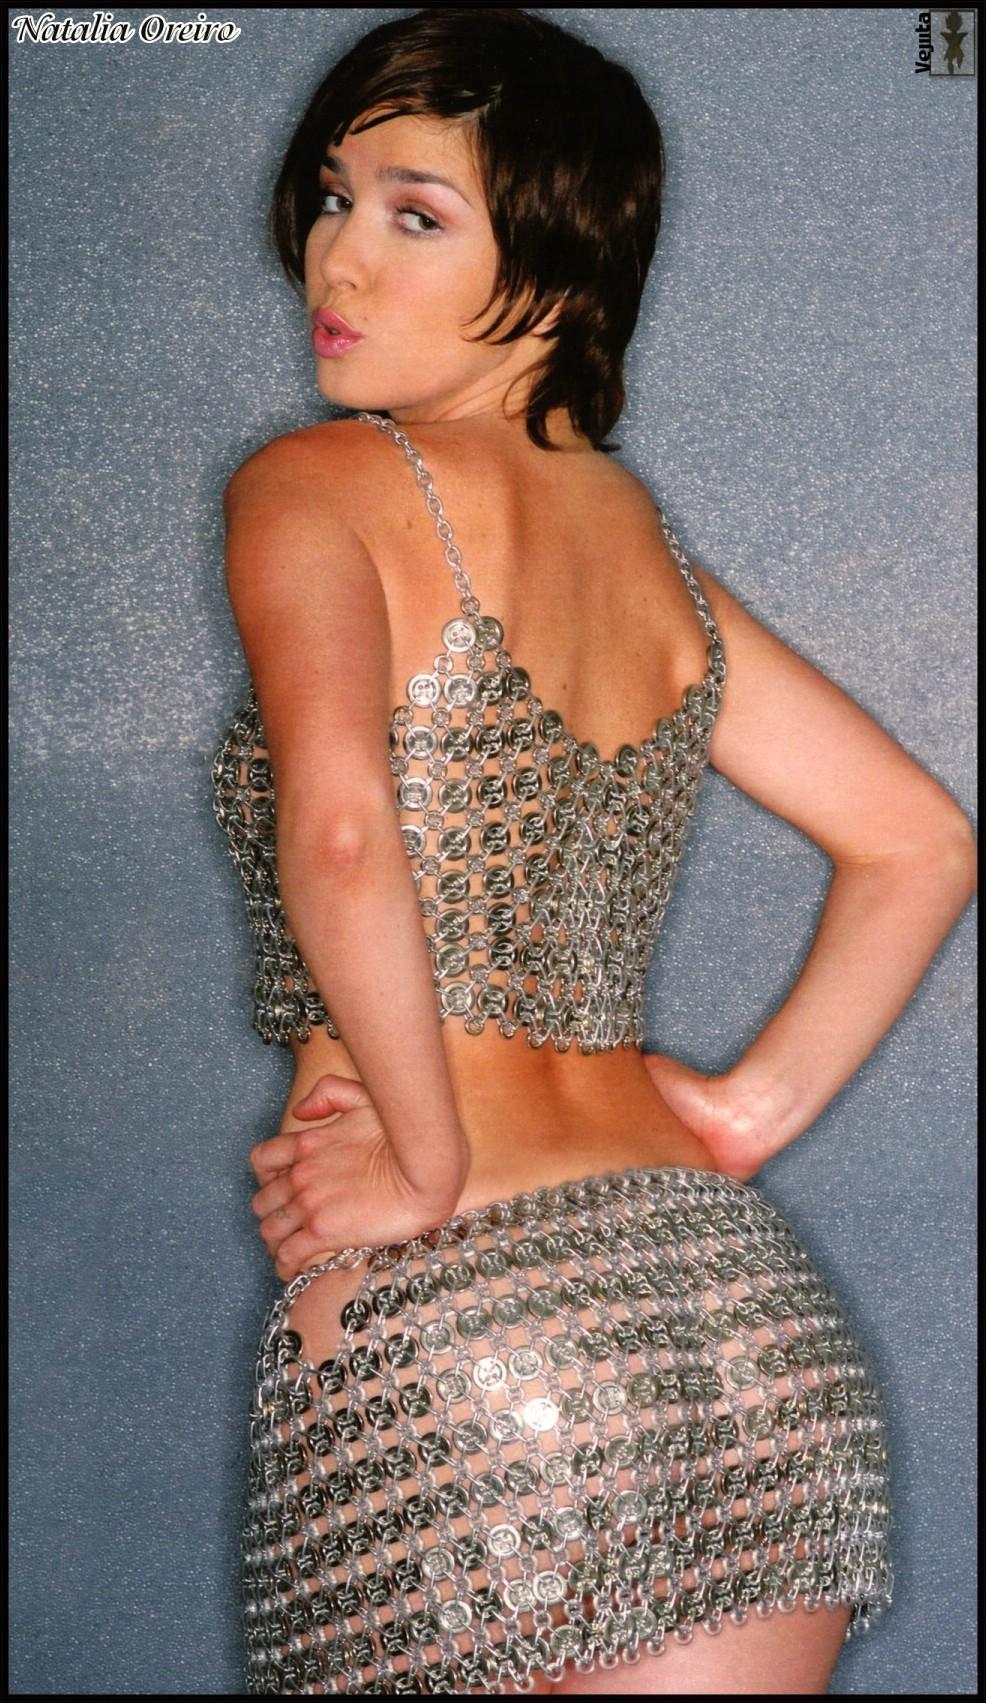 Эротическое фото наталии орейро 15 фотография